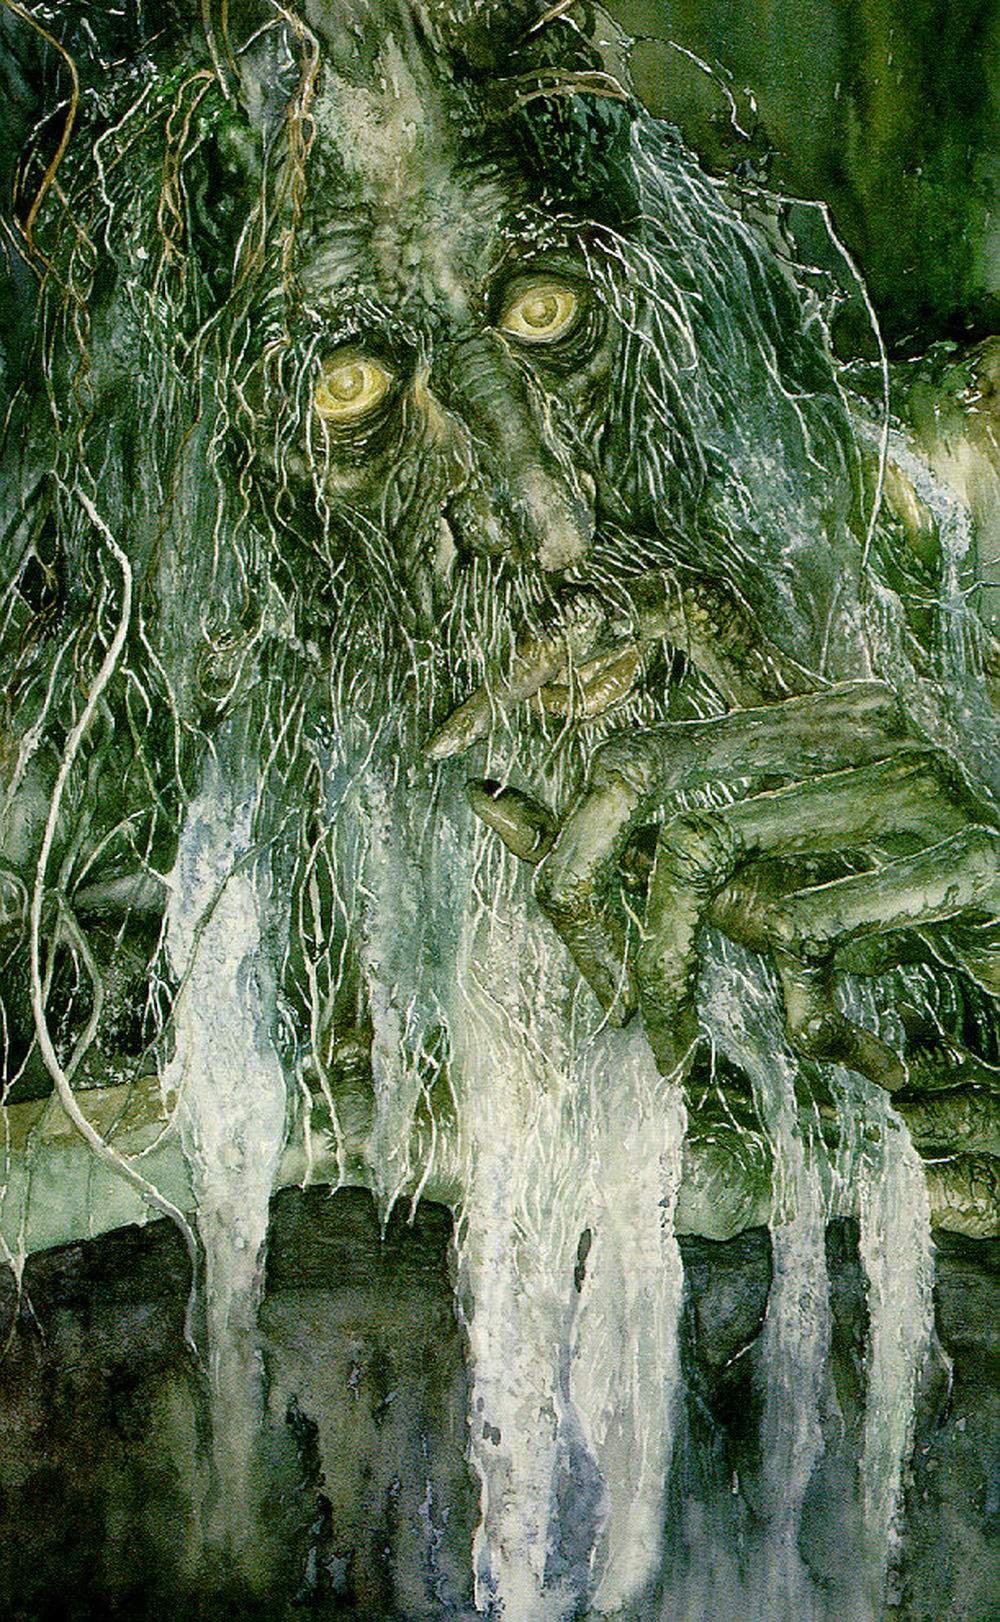 Treebeard by Alan Lee in 2020 Alan lee, Treebeard, Artwork